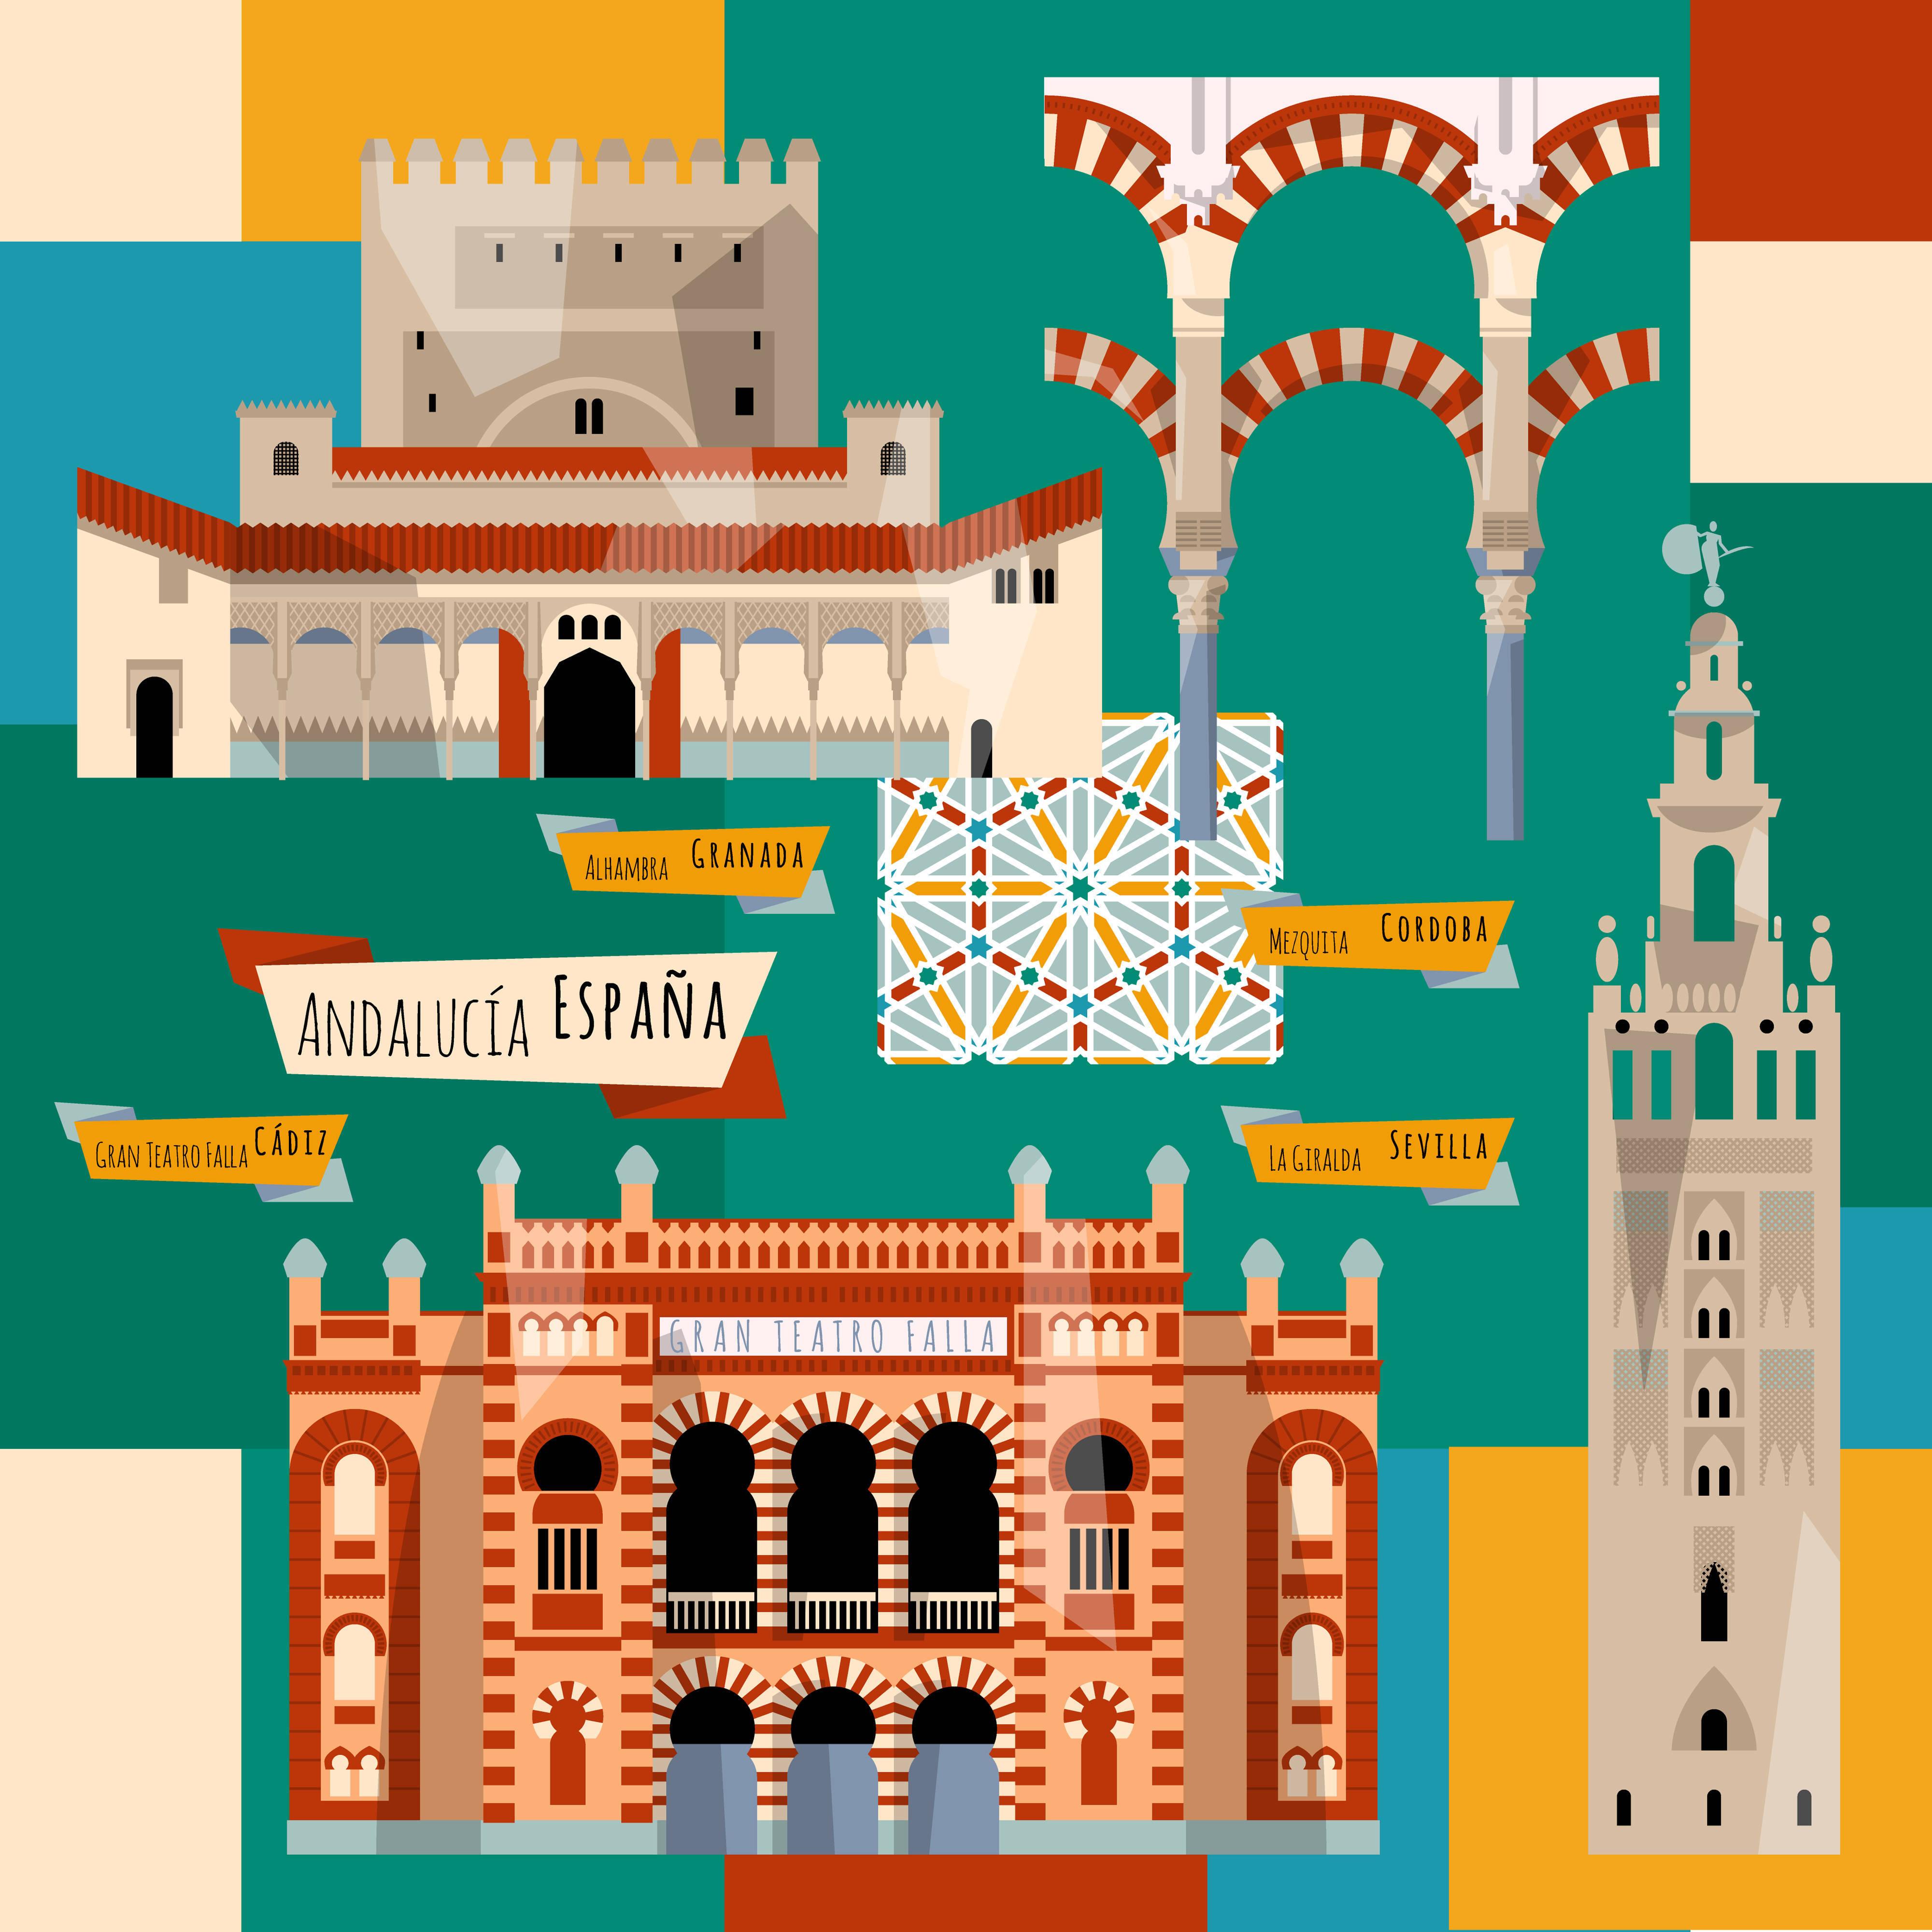 Andalucía: tierra de contrastes y luz